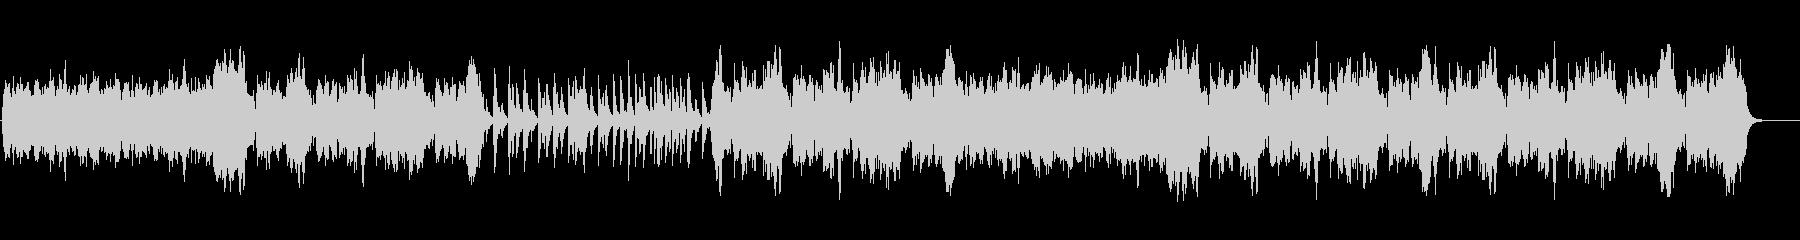 優雅なティータイムのBGMの未再生の波形